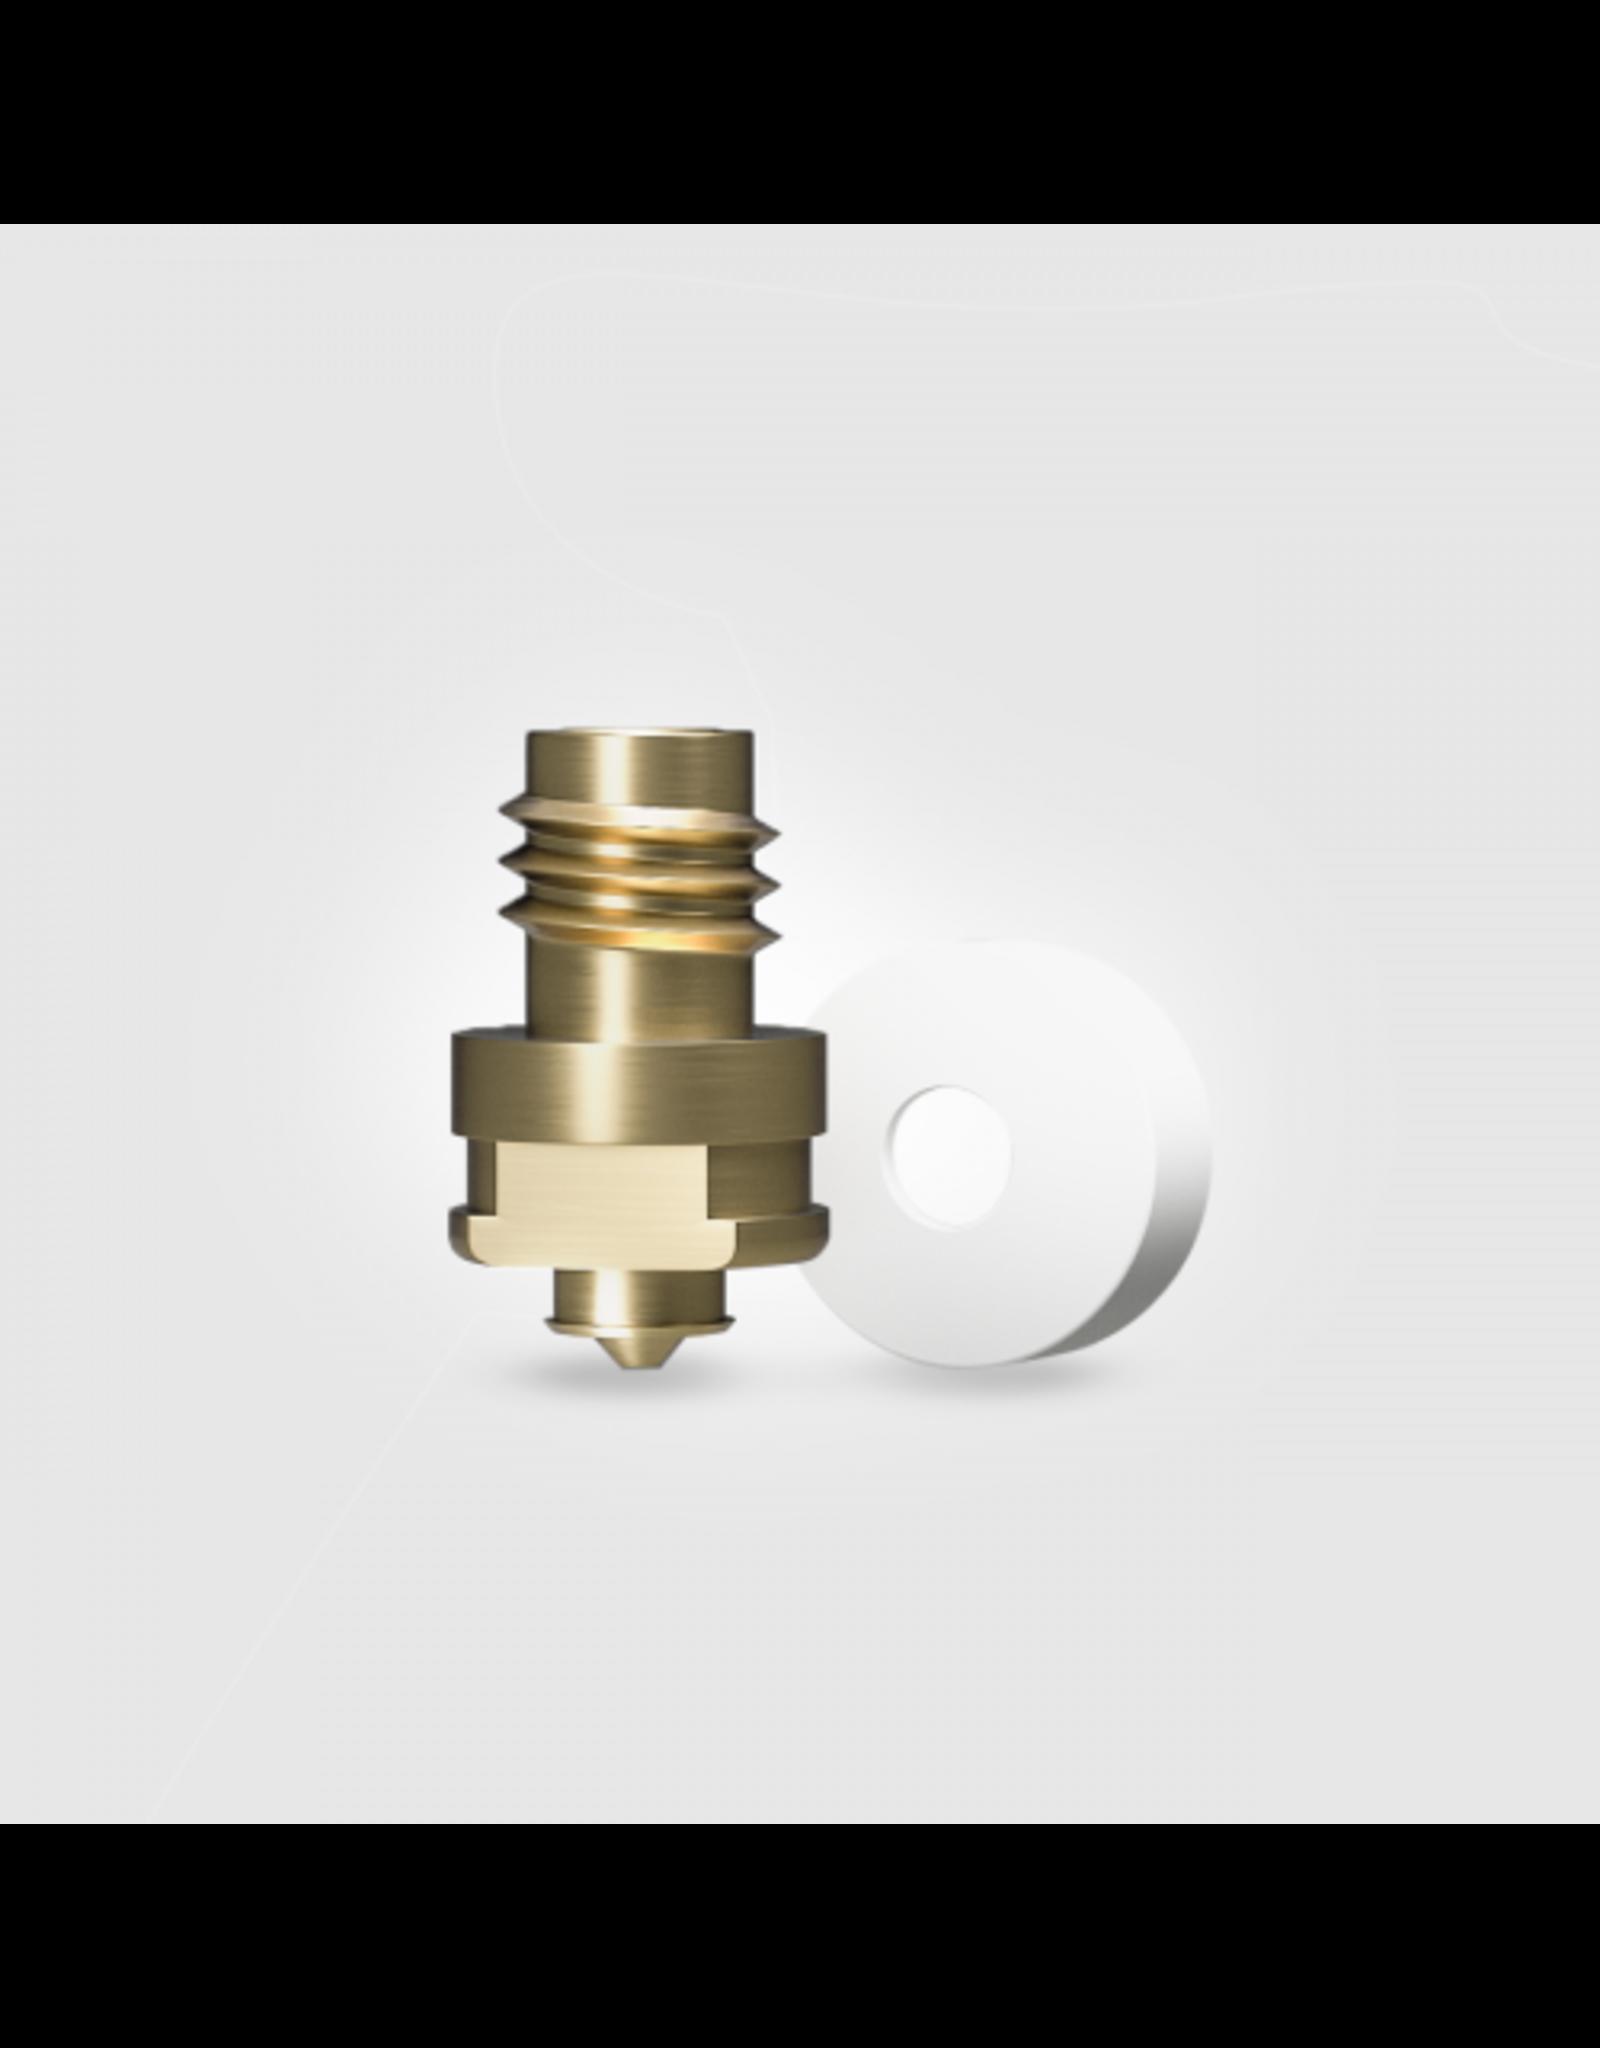 Zortrax Nozzle voor Zortrax M-Series Plus M200 Plus & M300 Plus - 0.40mm